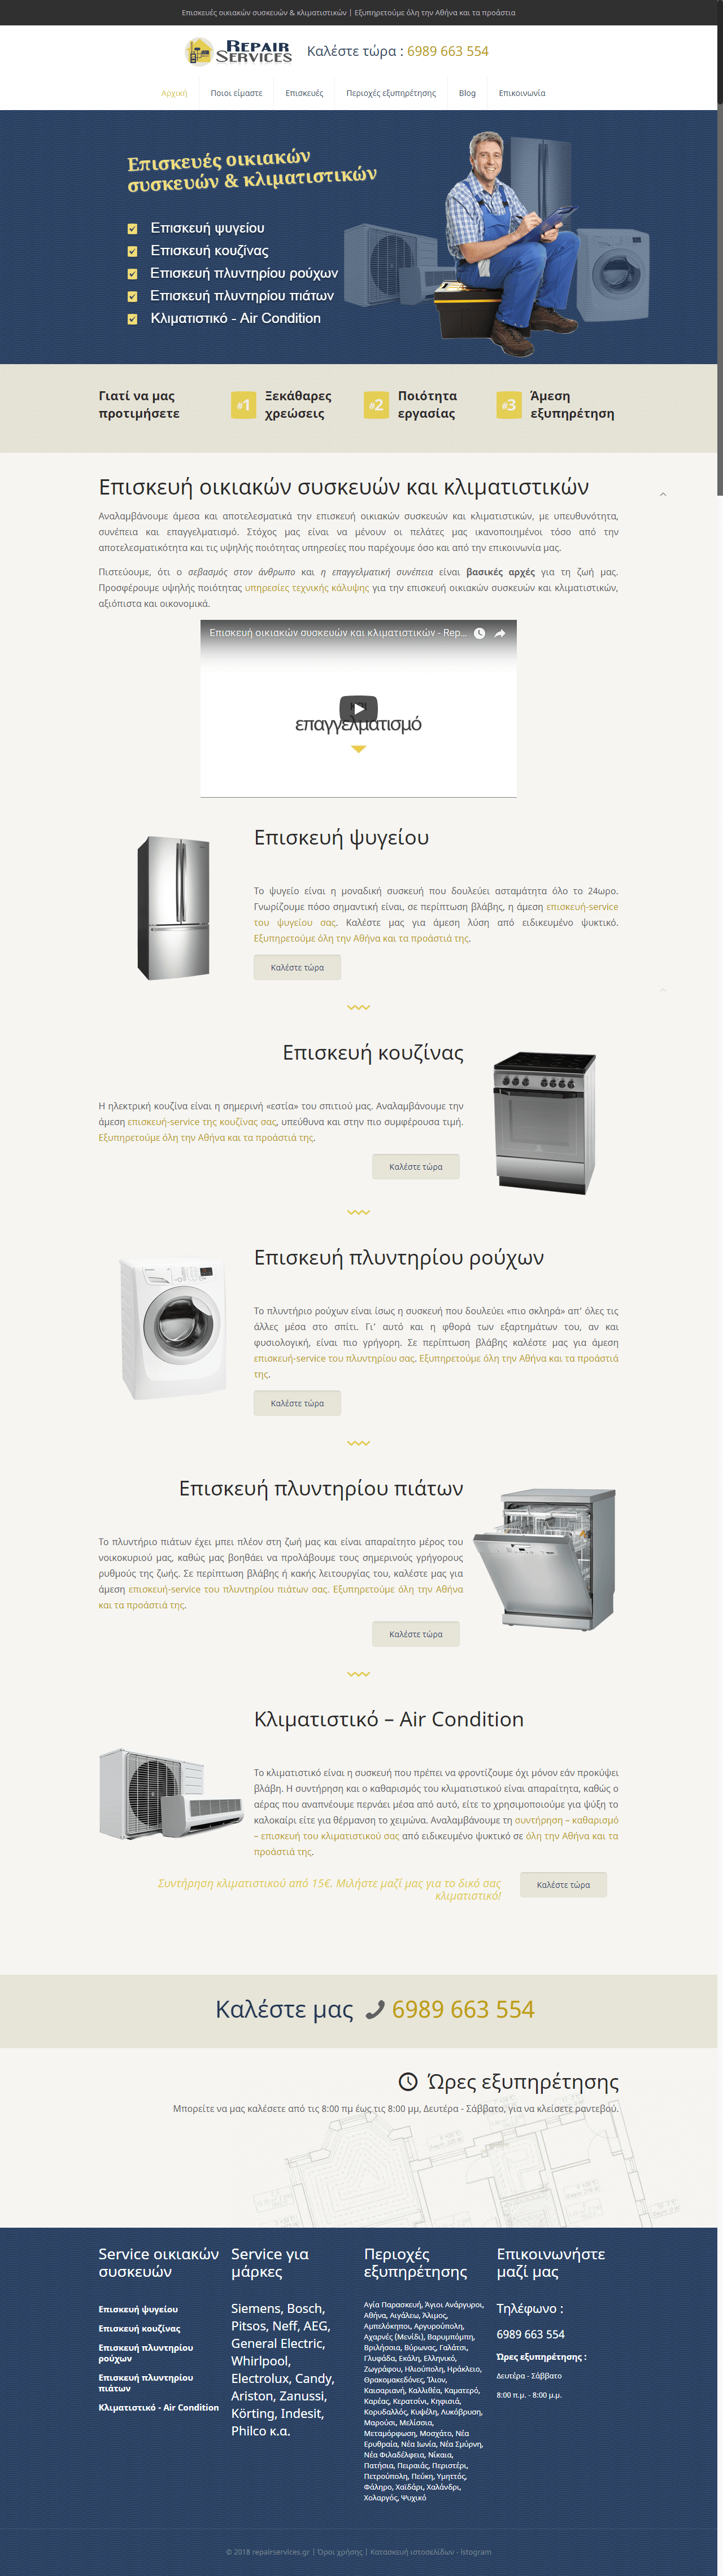 Κατασκευή ιστοσελίδας με SEO υψηλών επιδόσεων - repairservices.gr